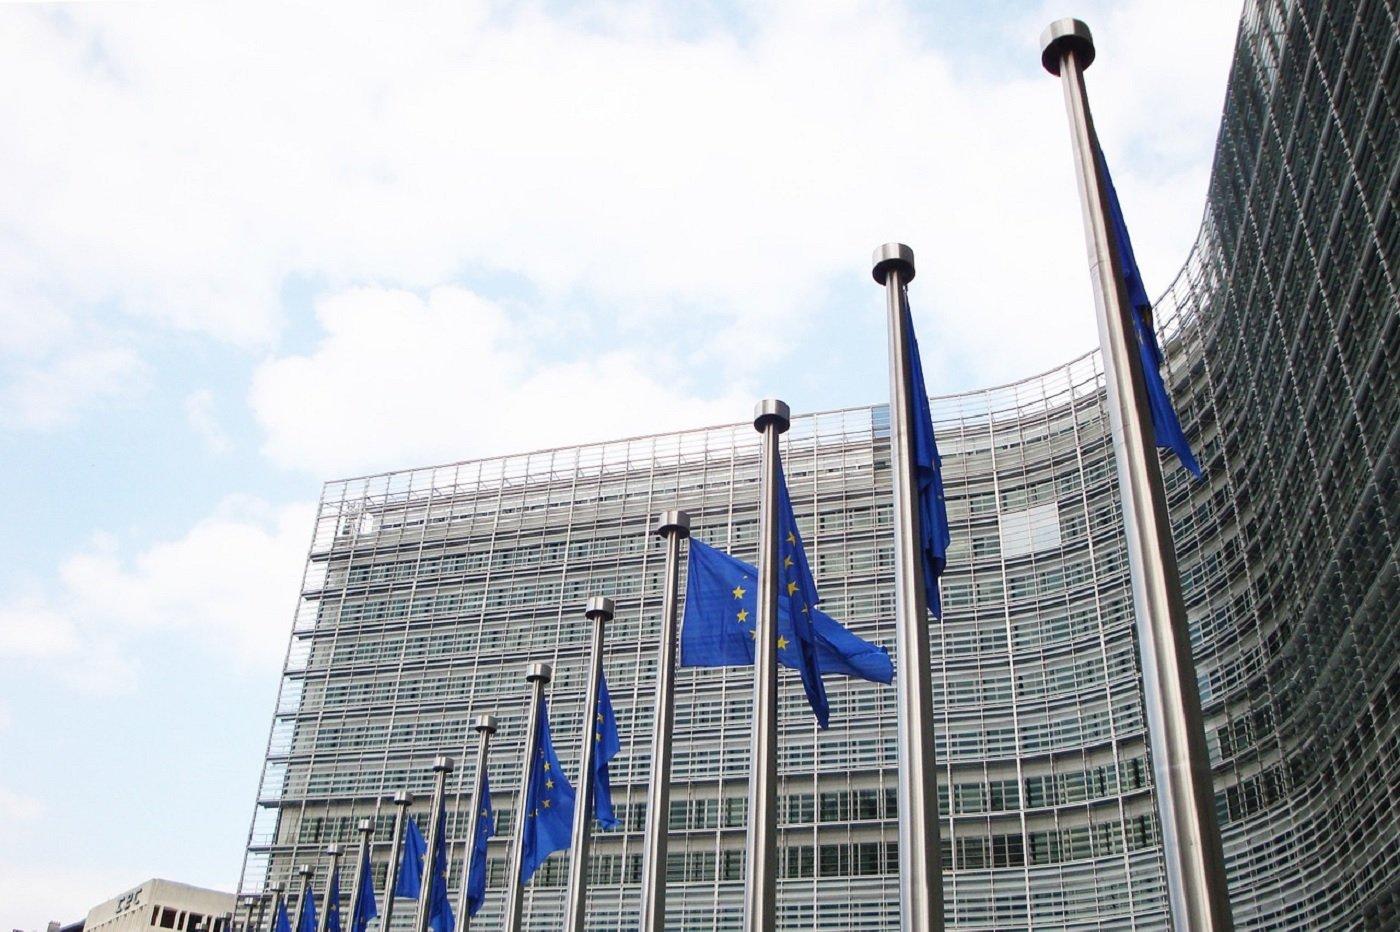 La Commission Européenne aurait recommandé Signal (mais pas WhatsApp) à son personnel